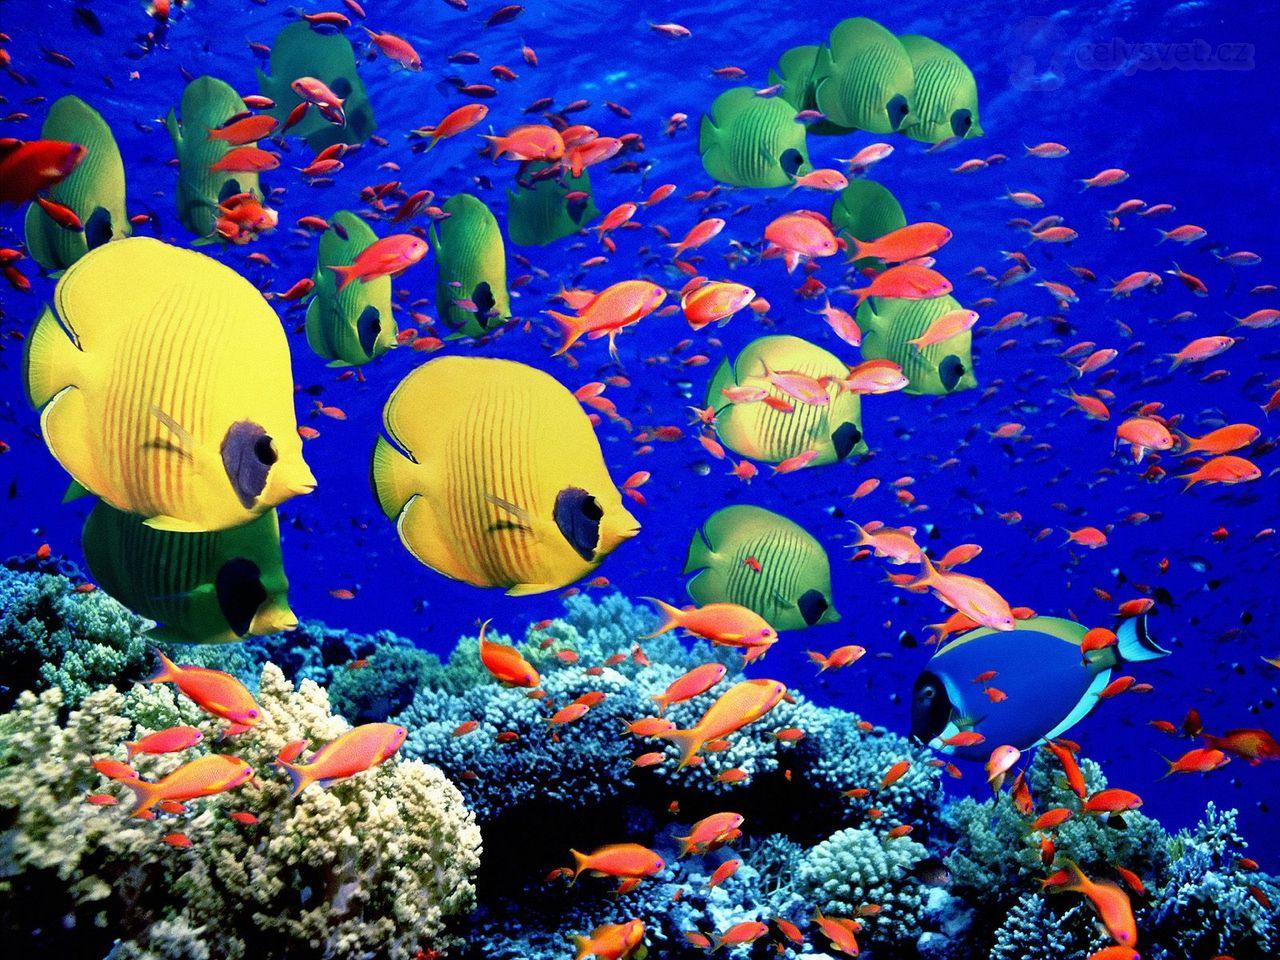 I 20 paesaggi colorati più belli del mondo dove la natura si tinge di arcobaleno   (7)